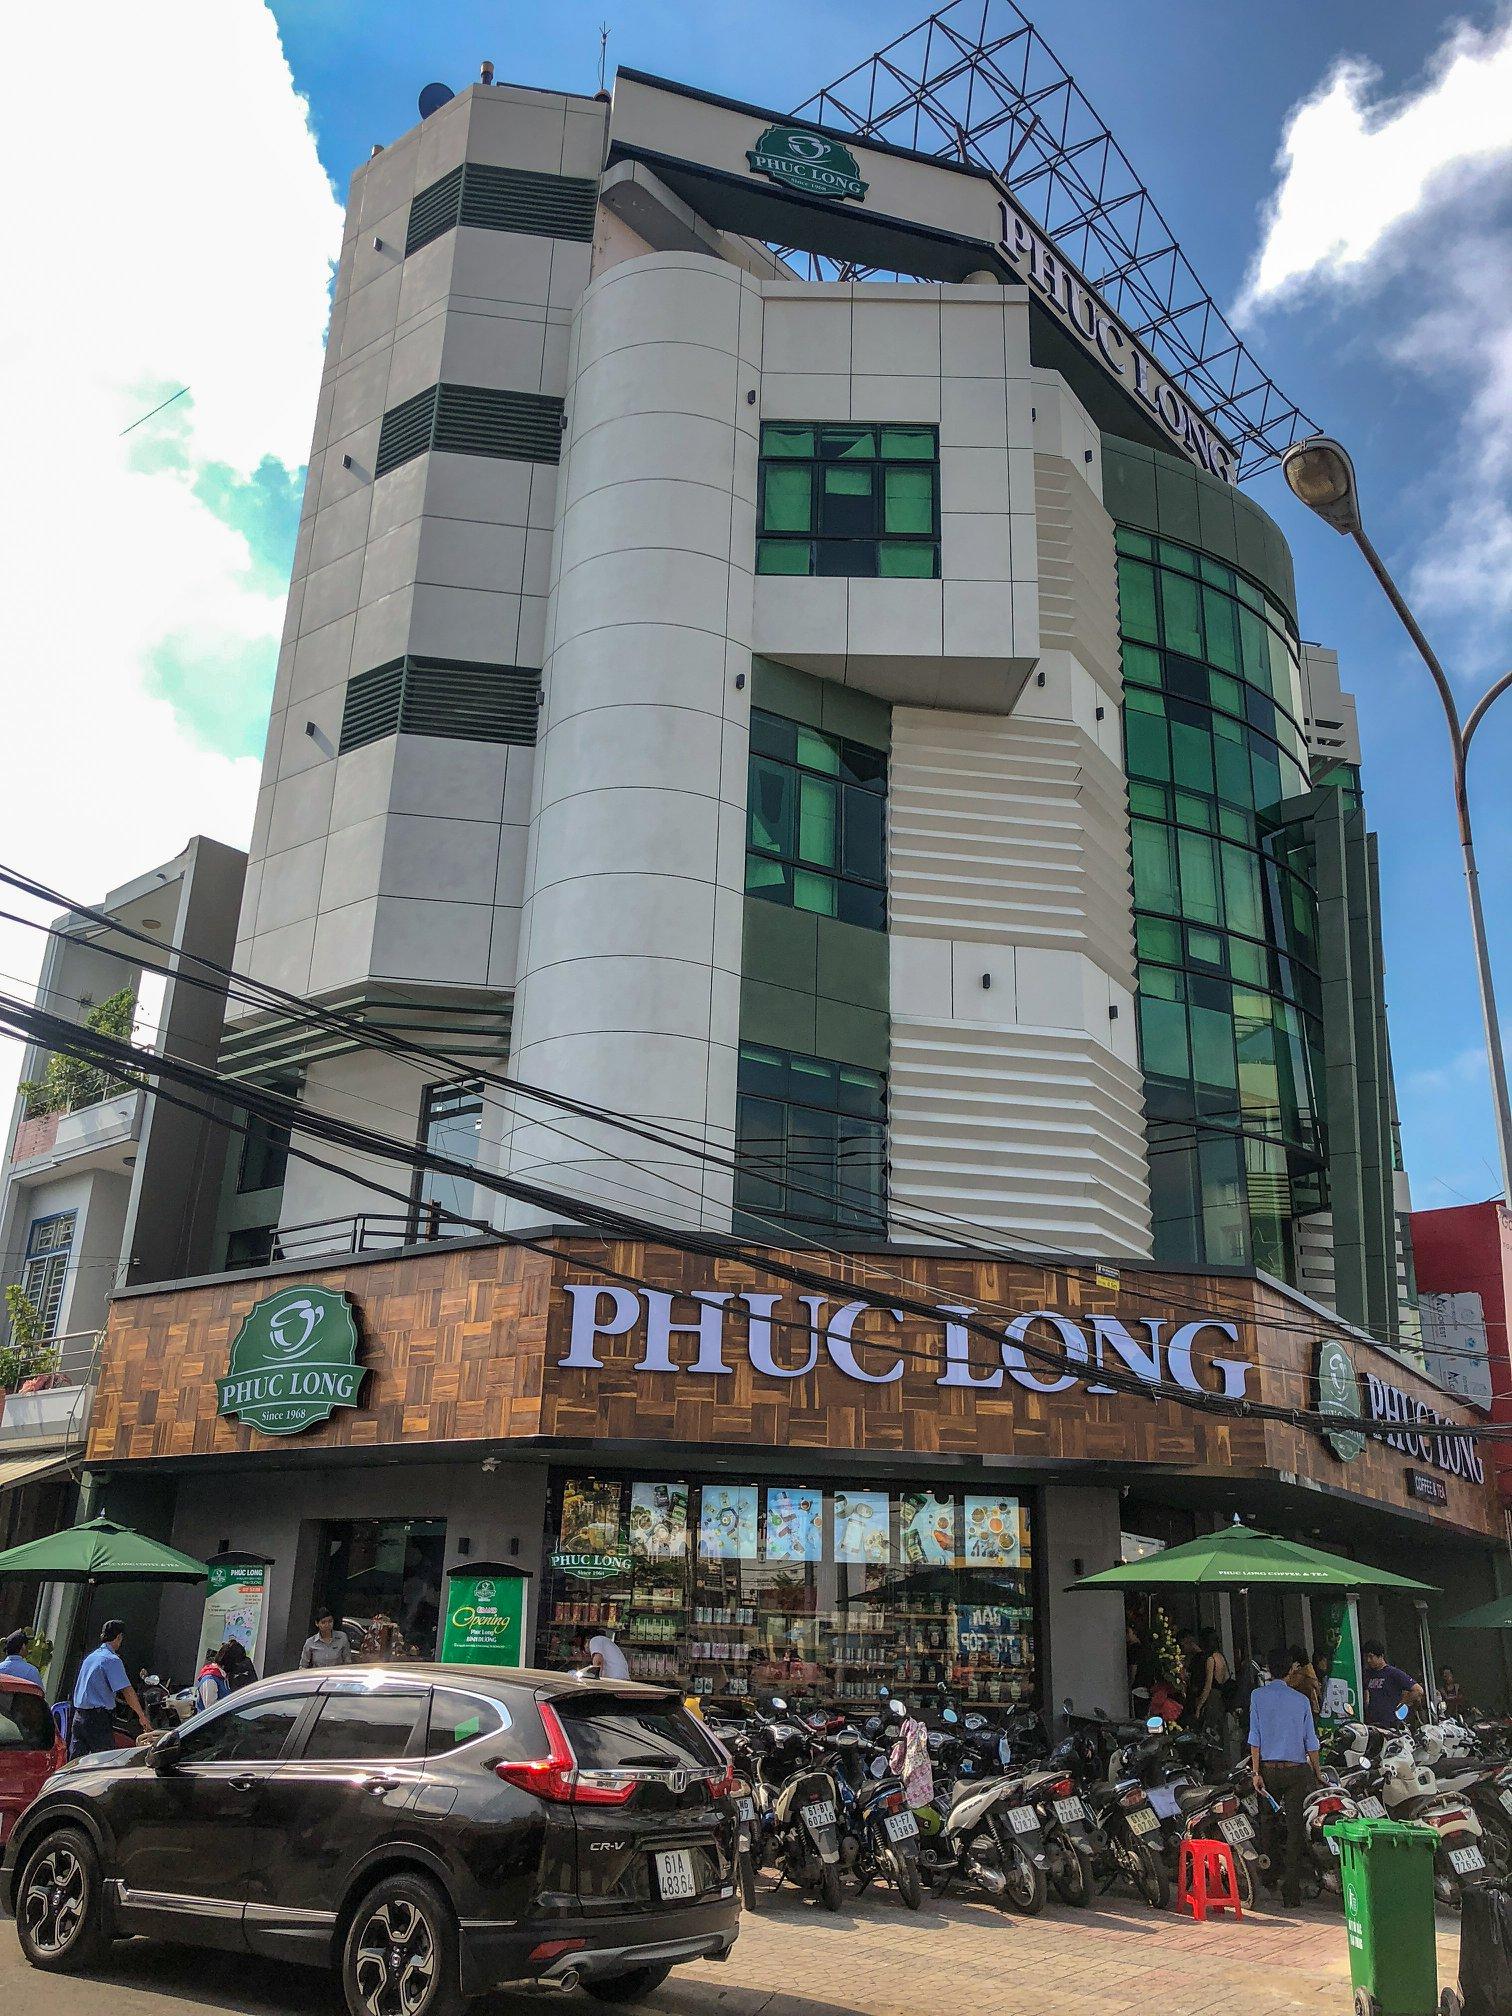 Grand opening Phuc Long Nguyen Dinh Chieu - Binh Duong province